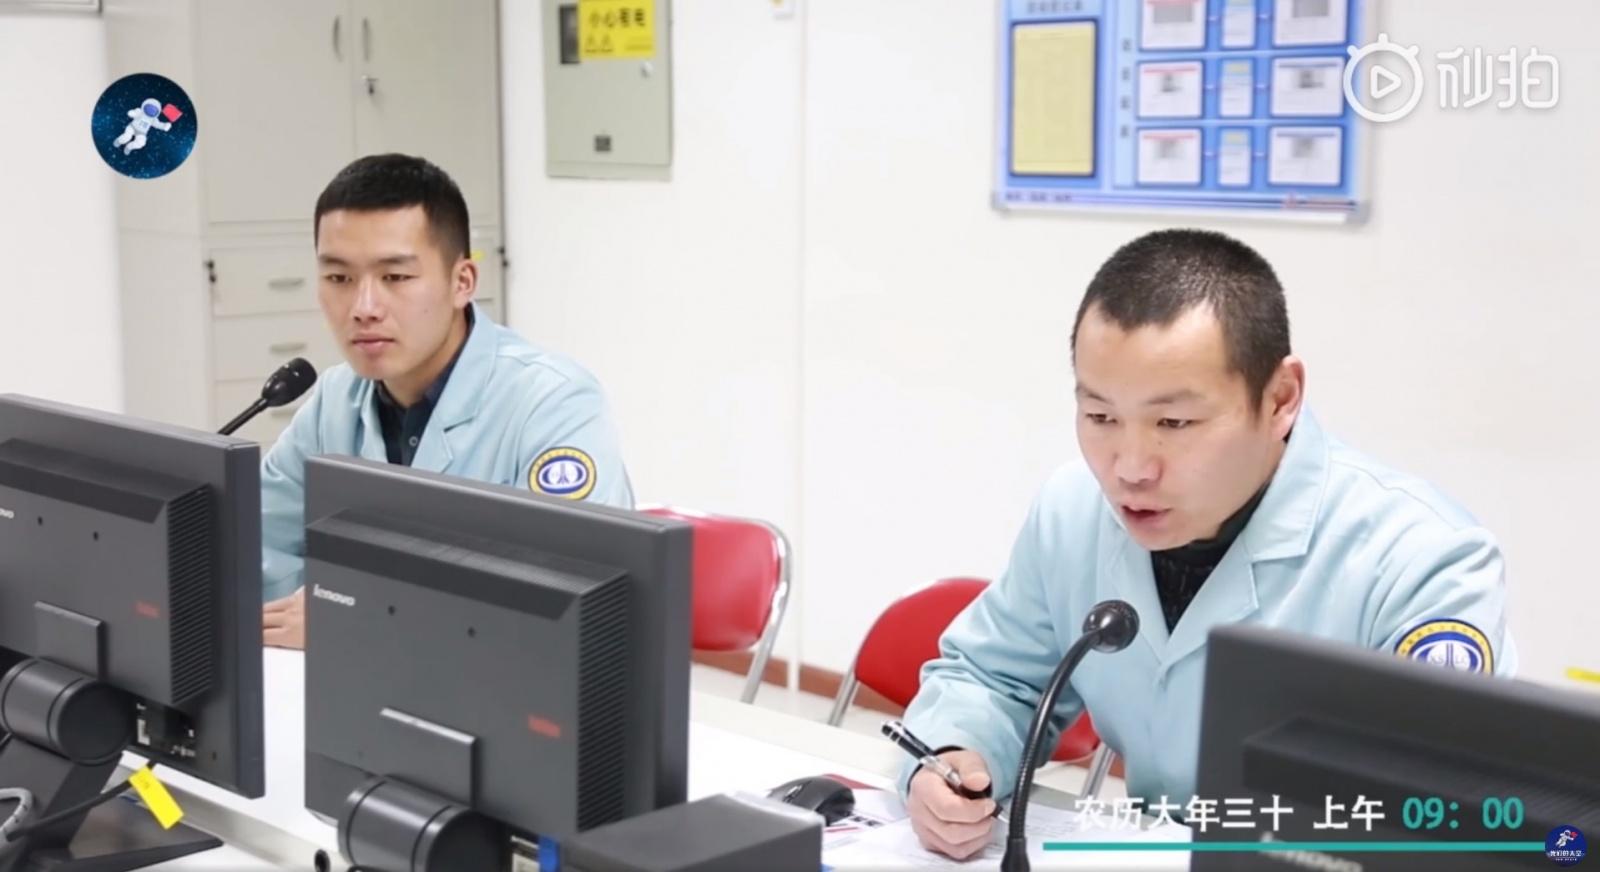 Суровая рабочая реальность — Китайский космодром Сичан (Xichang Satellite Launch Center — XSLC) - 50